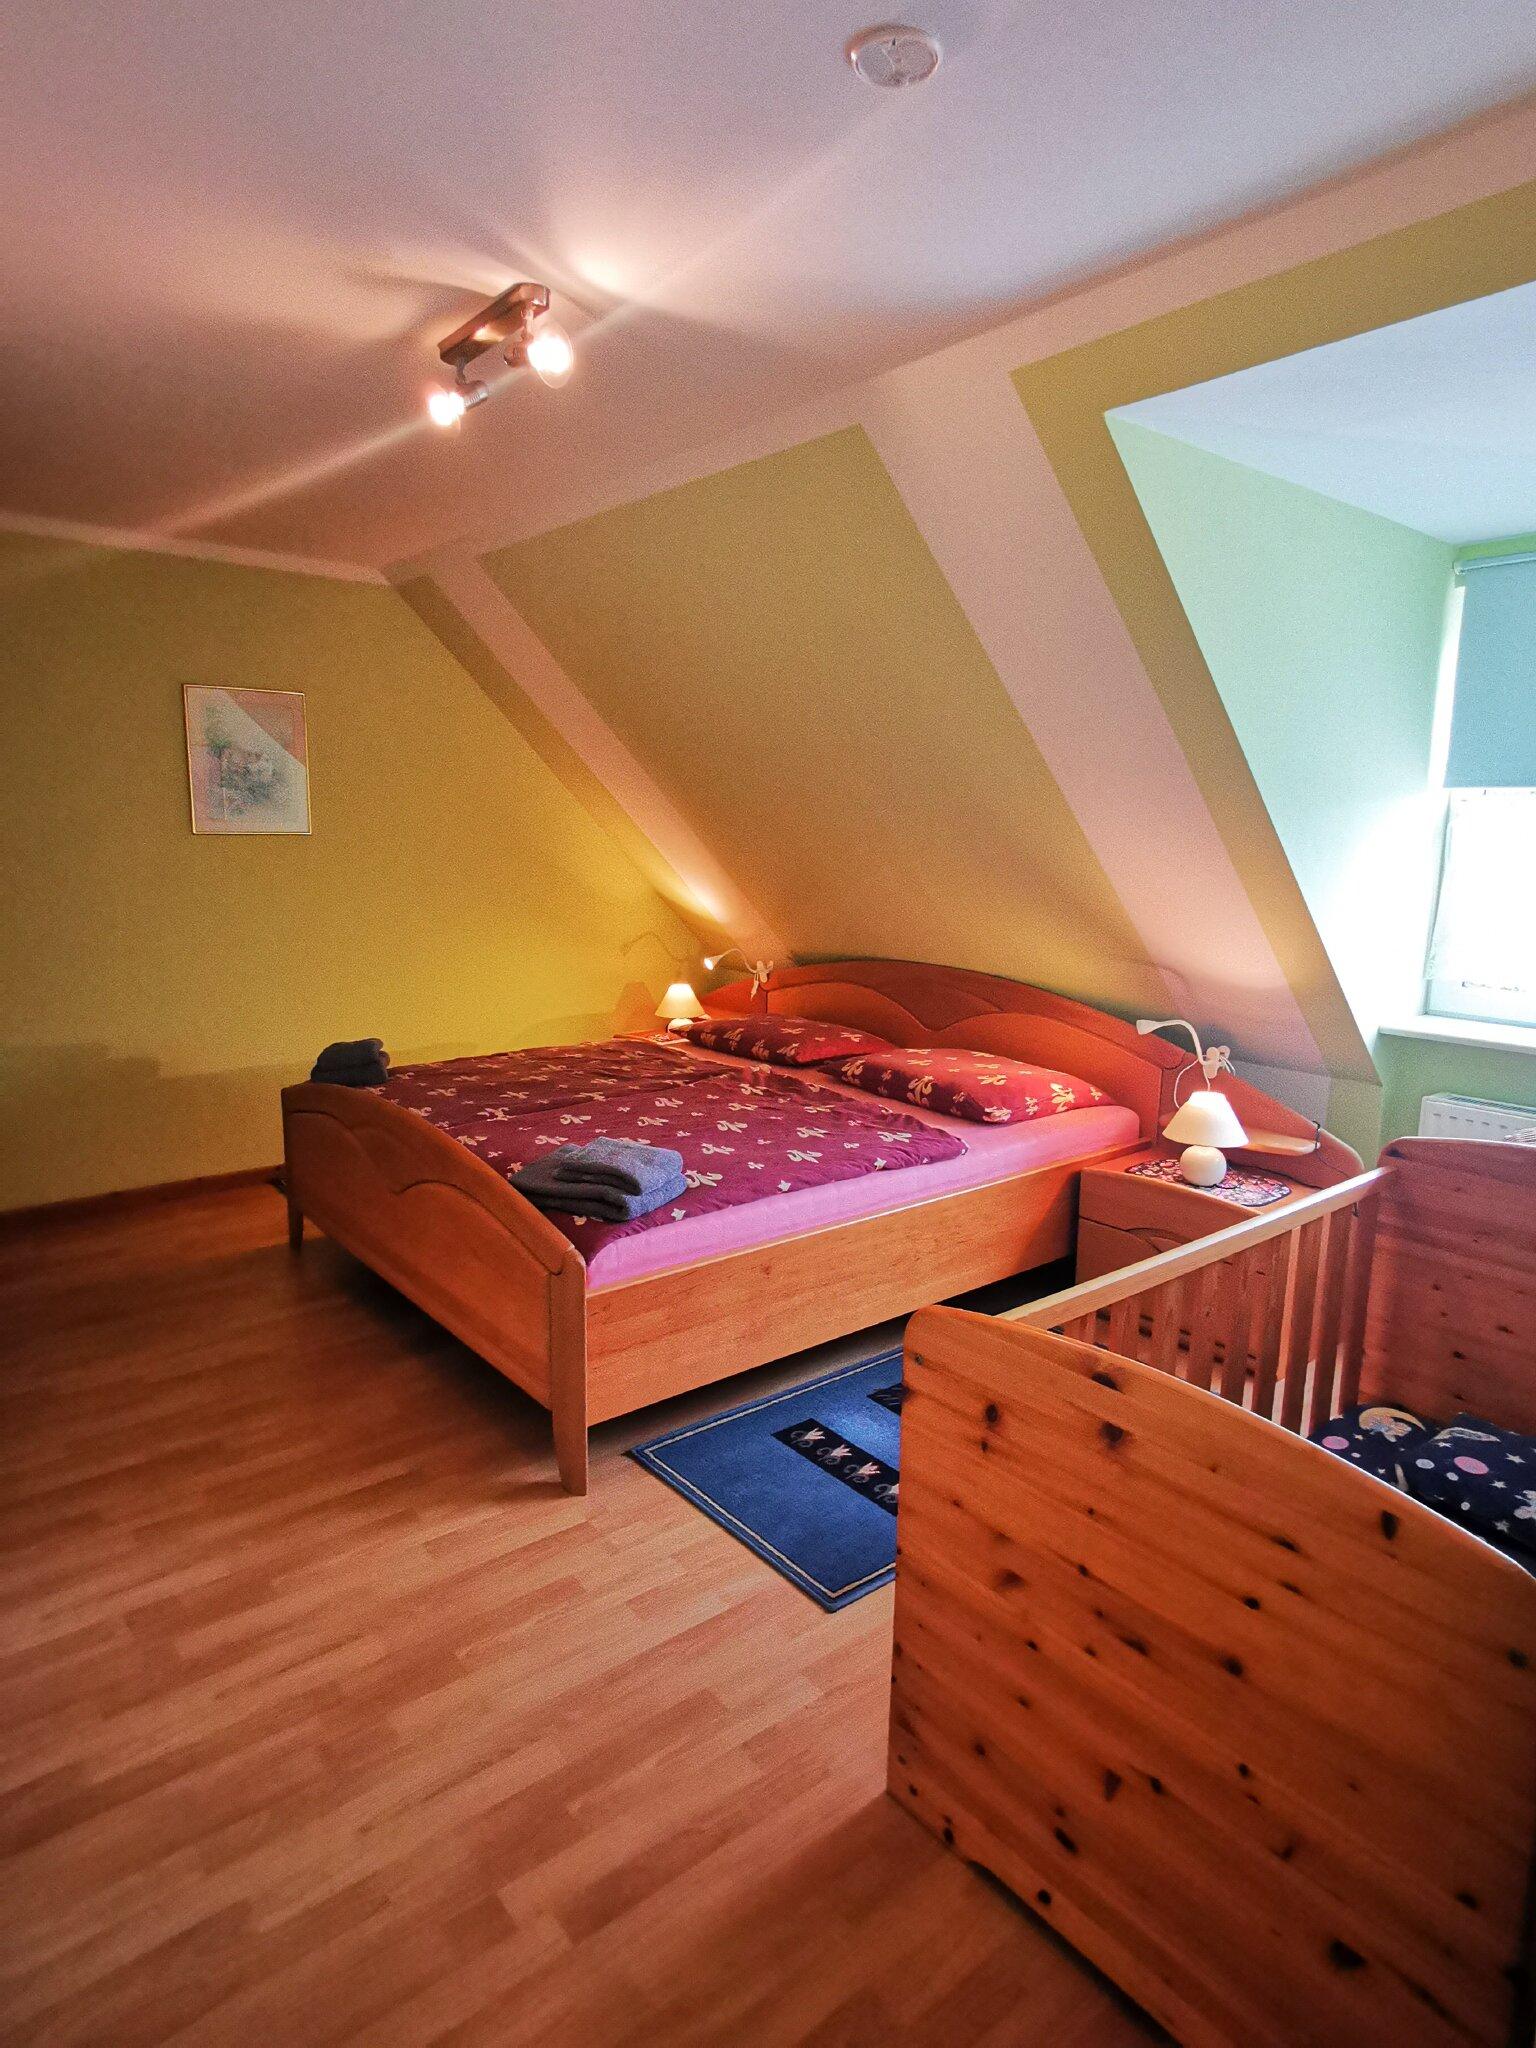 Einzelbett, Kinderbett